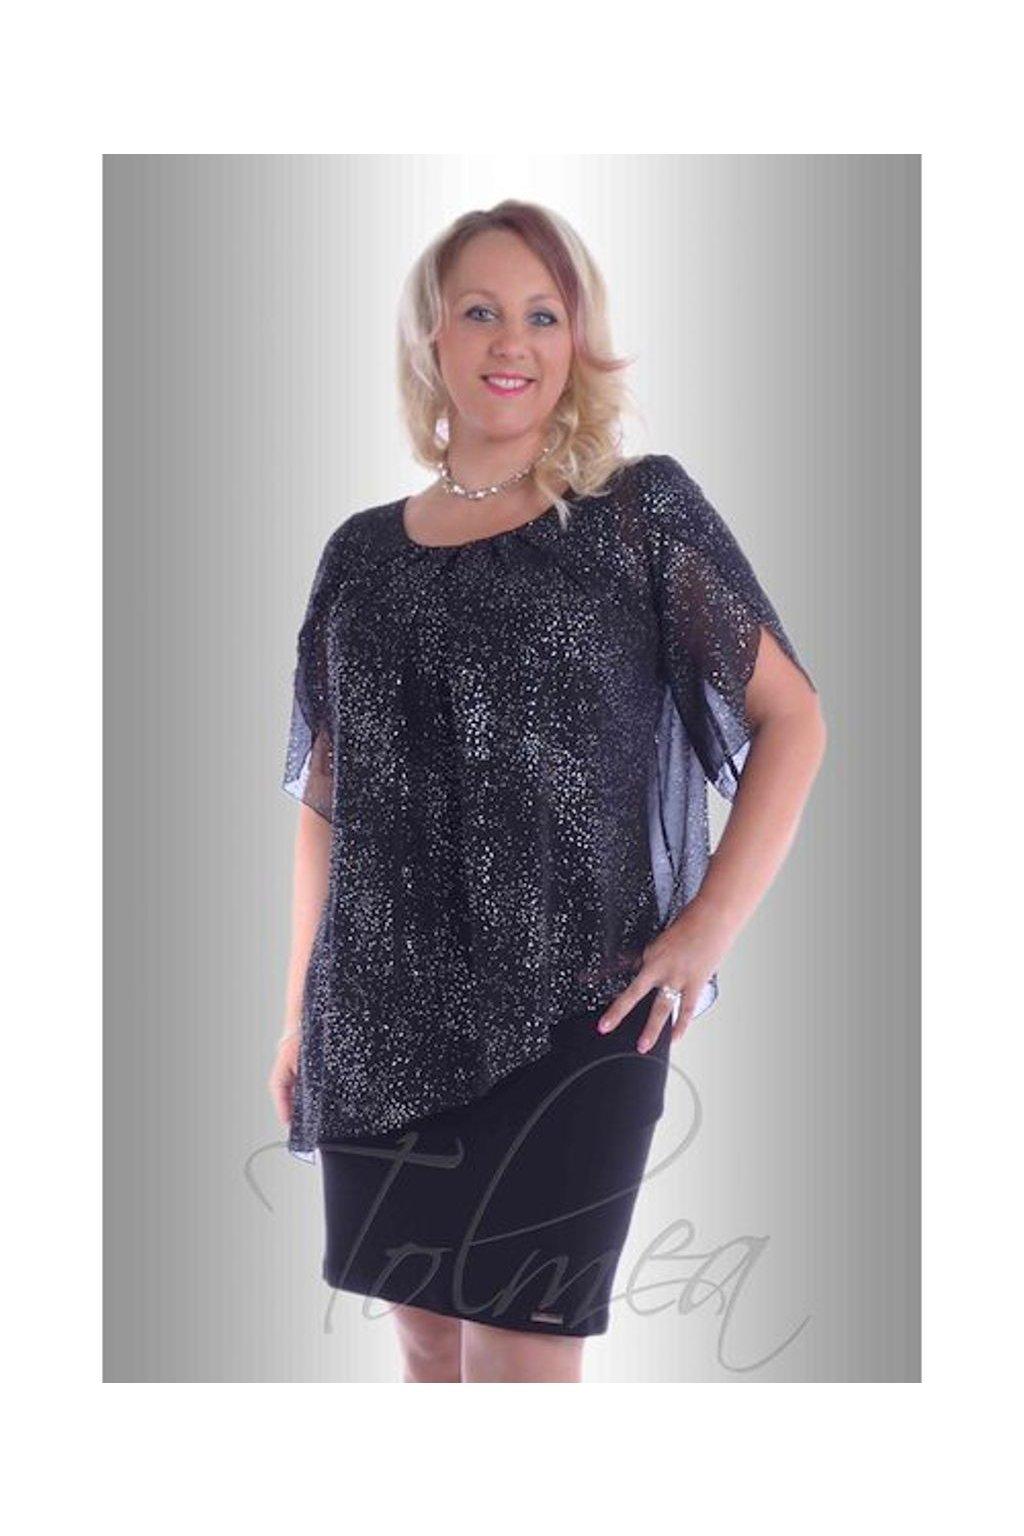 Šaty společenské volné šifon 8517 (Velikost 38, Barva Černá)